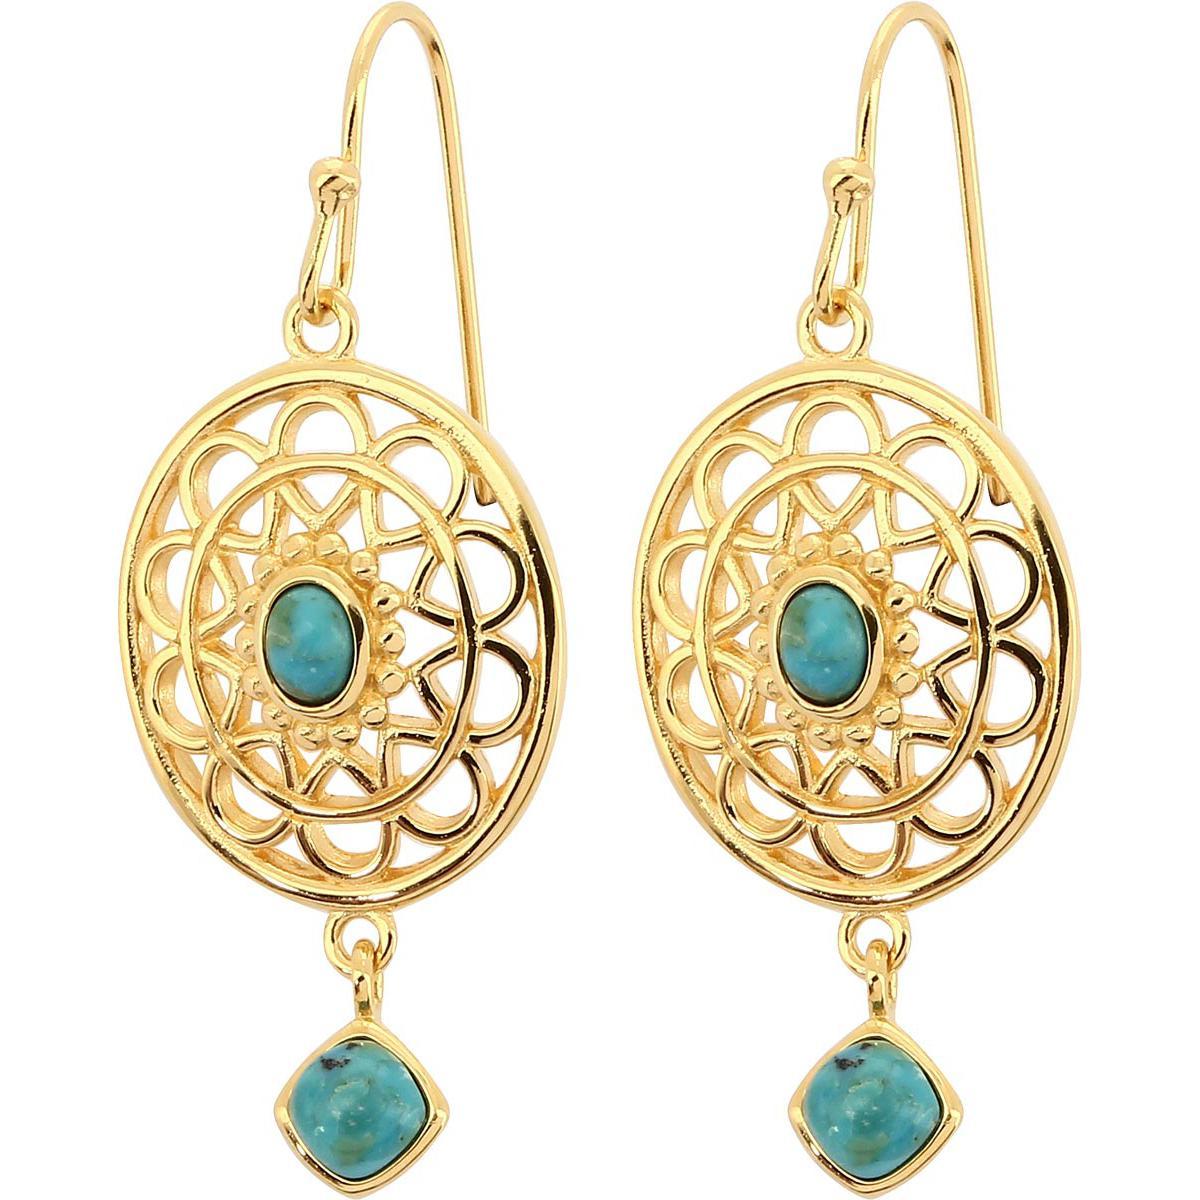 Boucles d'oreilles Kosma Paris - Collection Stella Doré & Turquoise